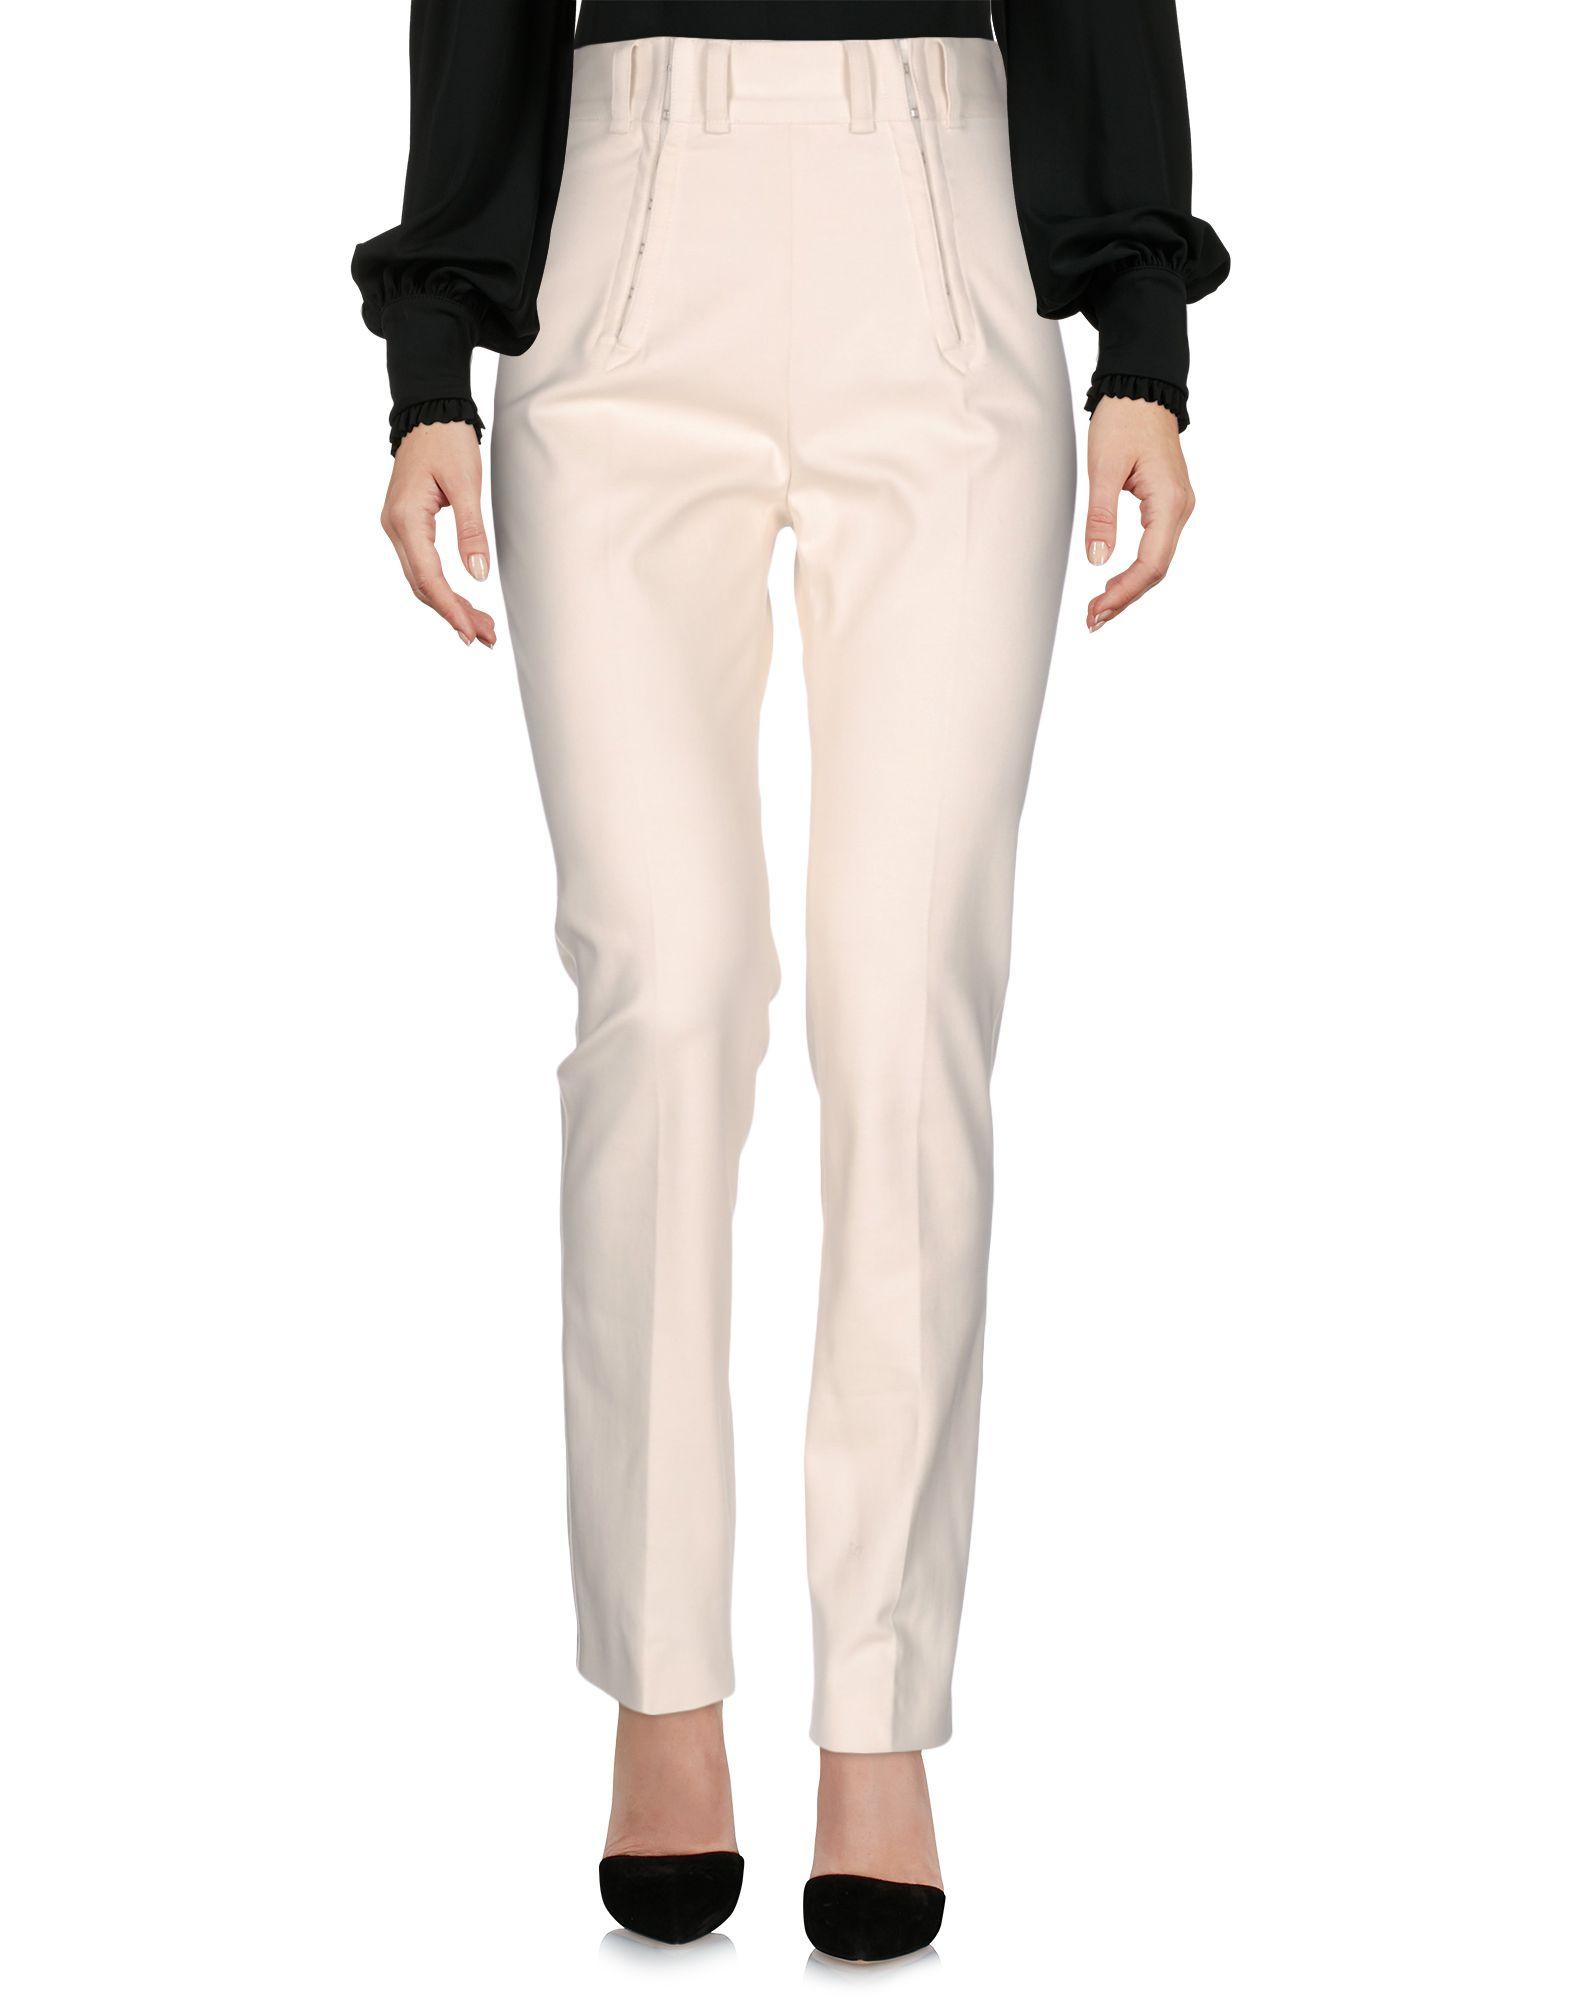 Pantalone Philosophy Di Lorenzo Serafini Donna - Acquista online su VlxZ6XeTP